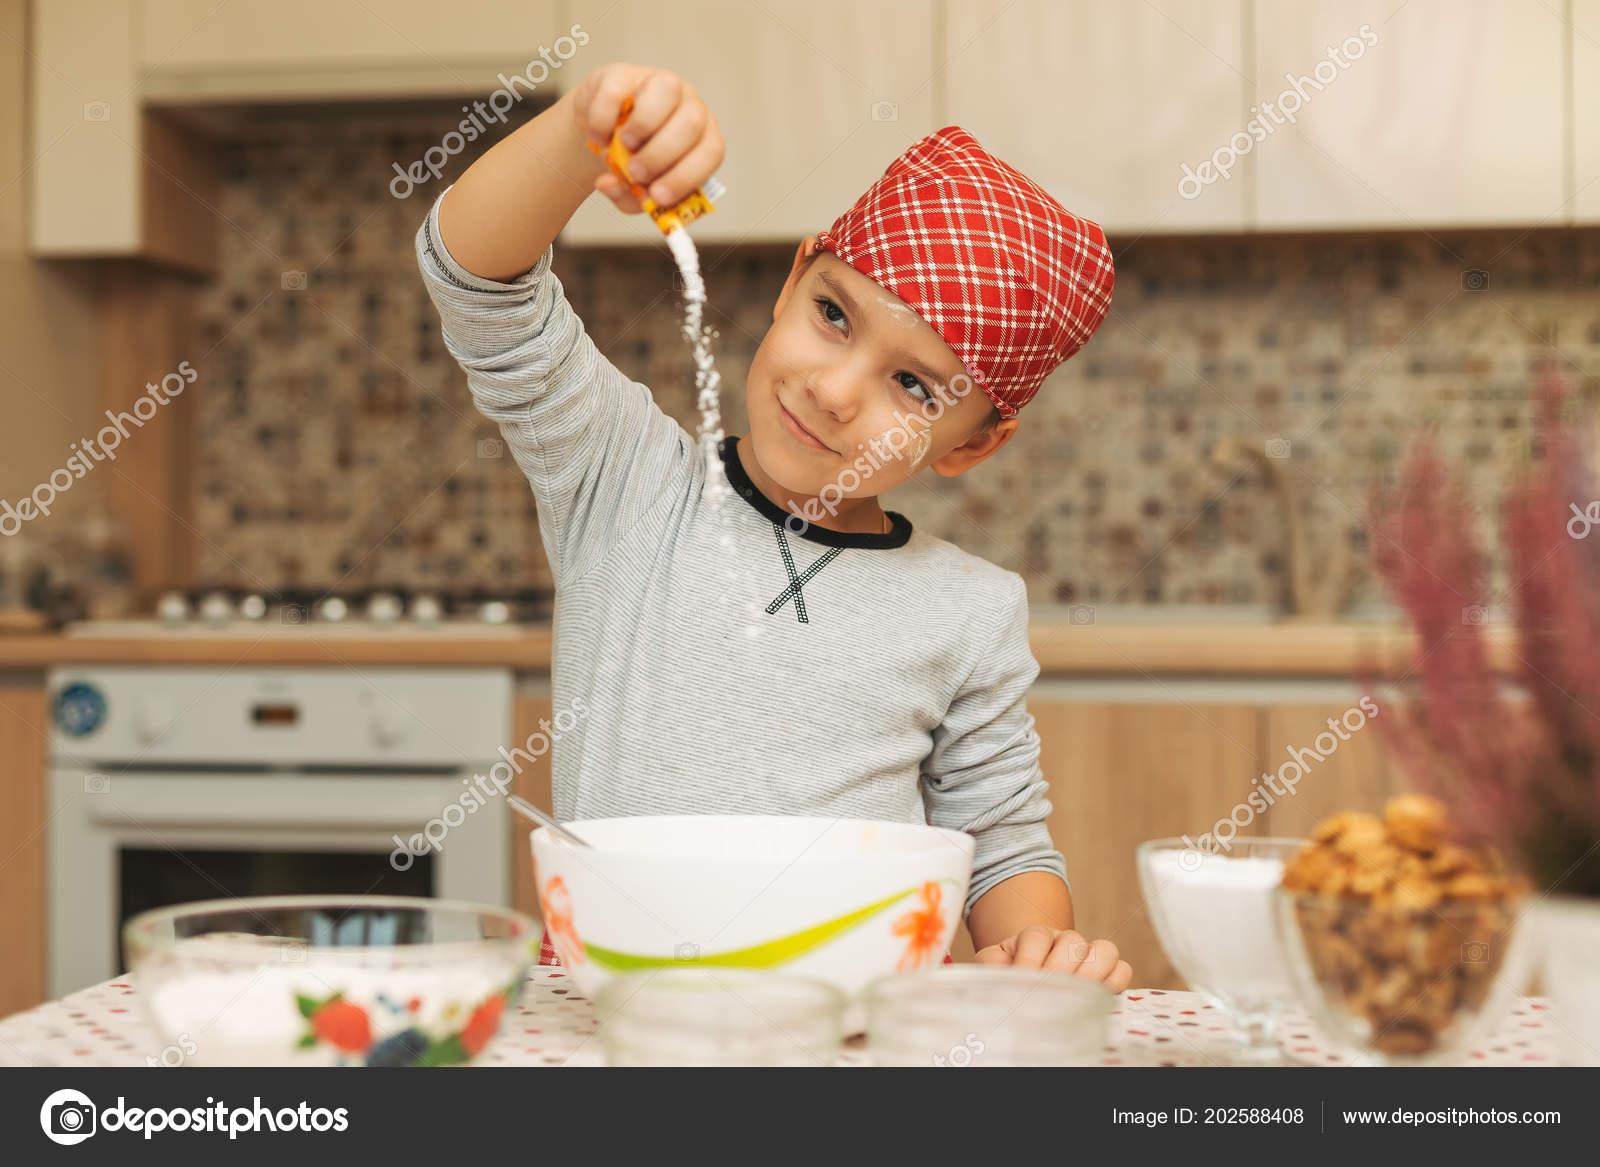 Sara Cucina Biscotti Di Natale.Ragazzo Versando La Polvere Magica Mentre Cuociono I Biscotti Di